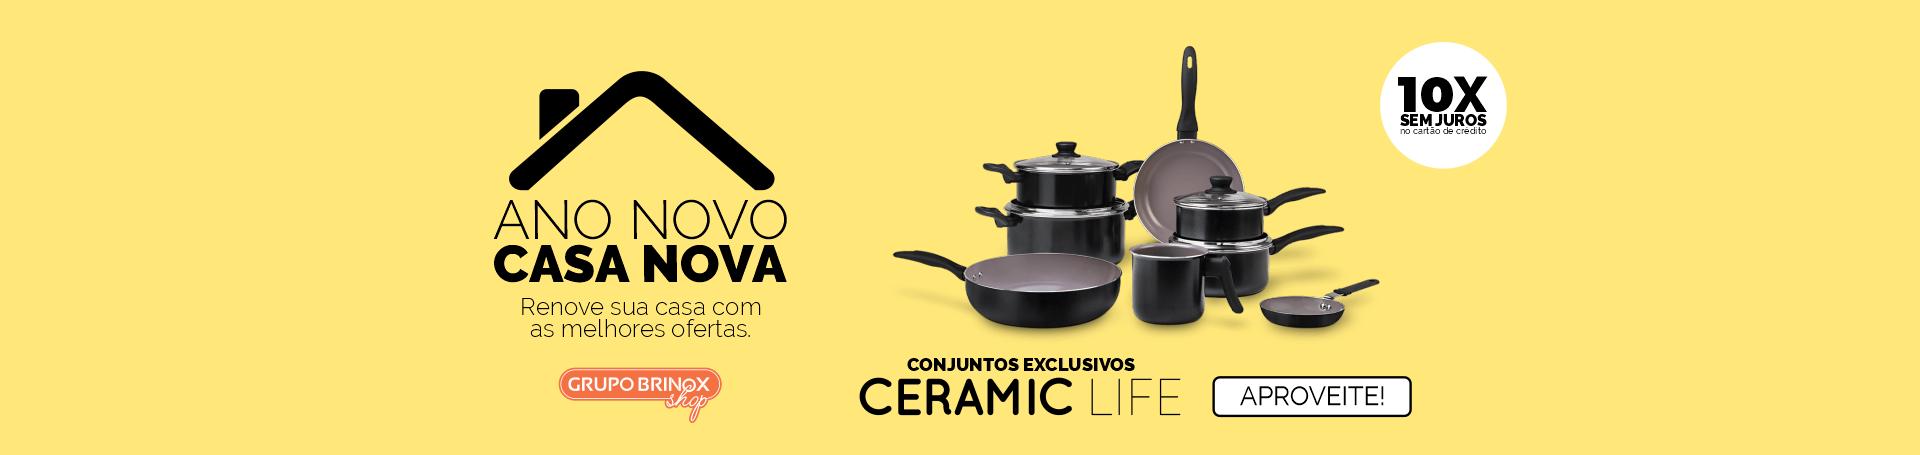 Banner Home1 Ceramic Life - Janeiro